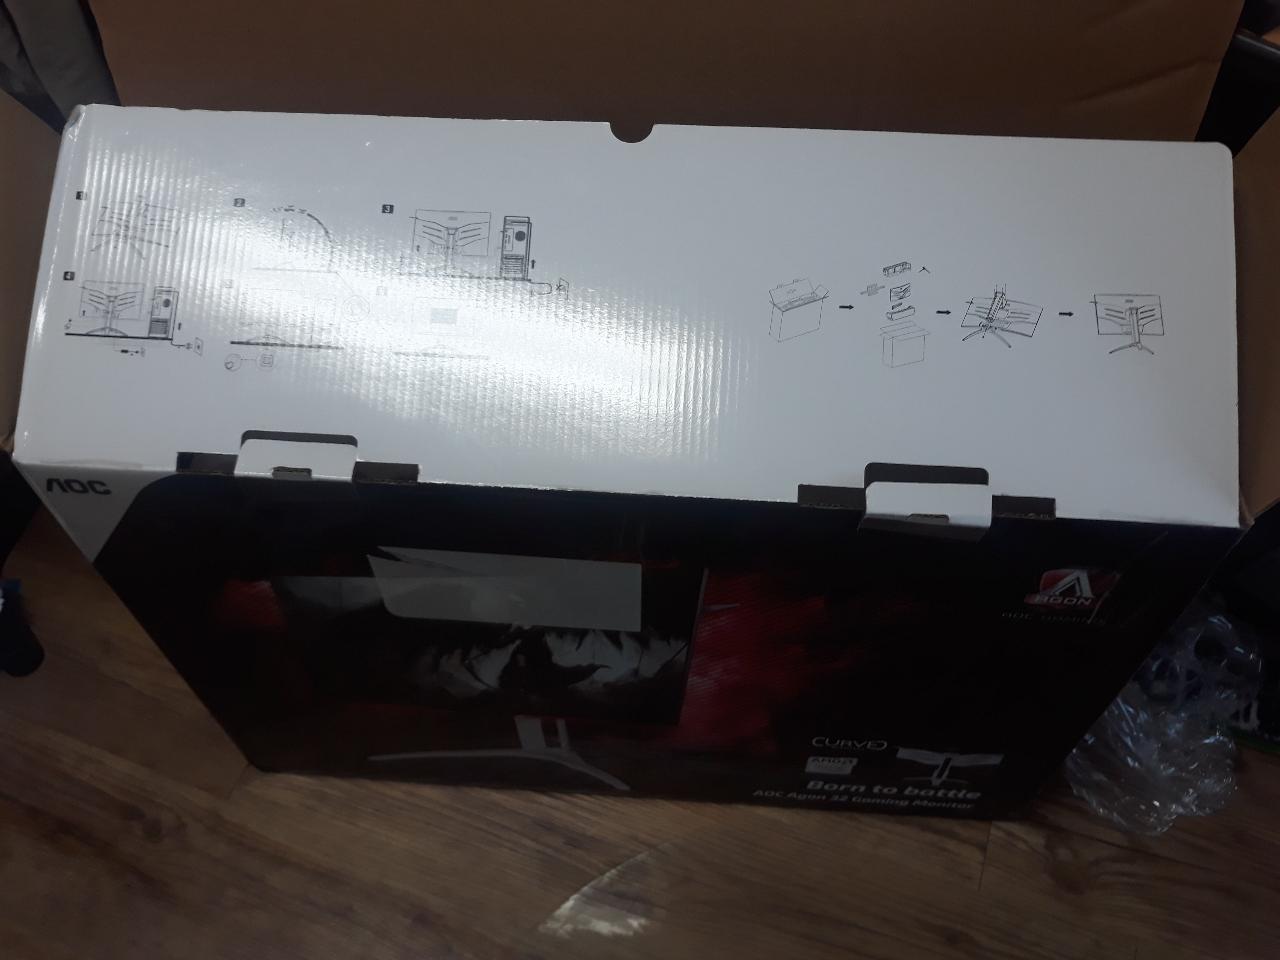 게임용 32인치 커브드 모니터